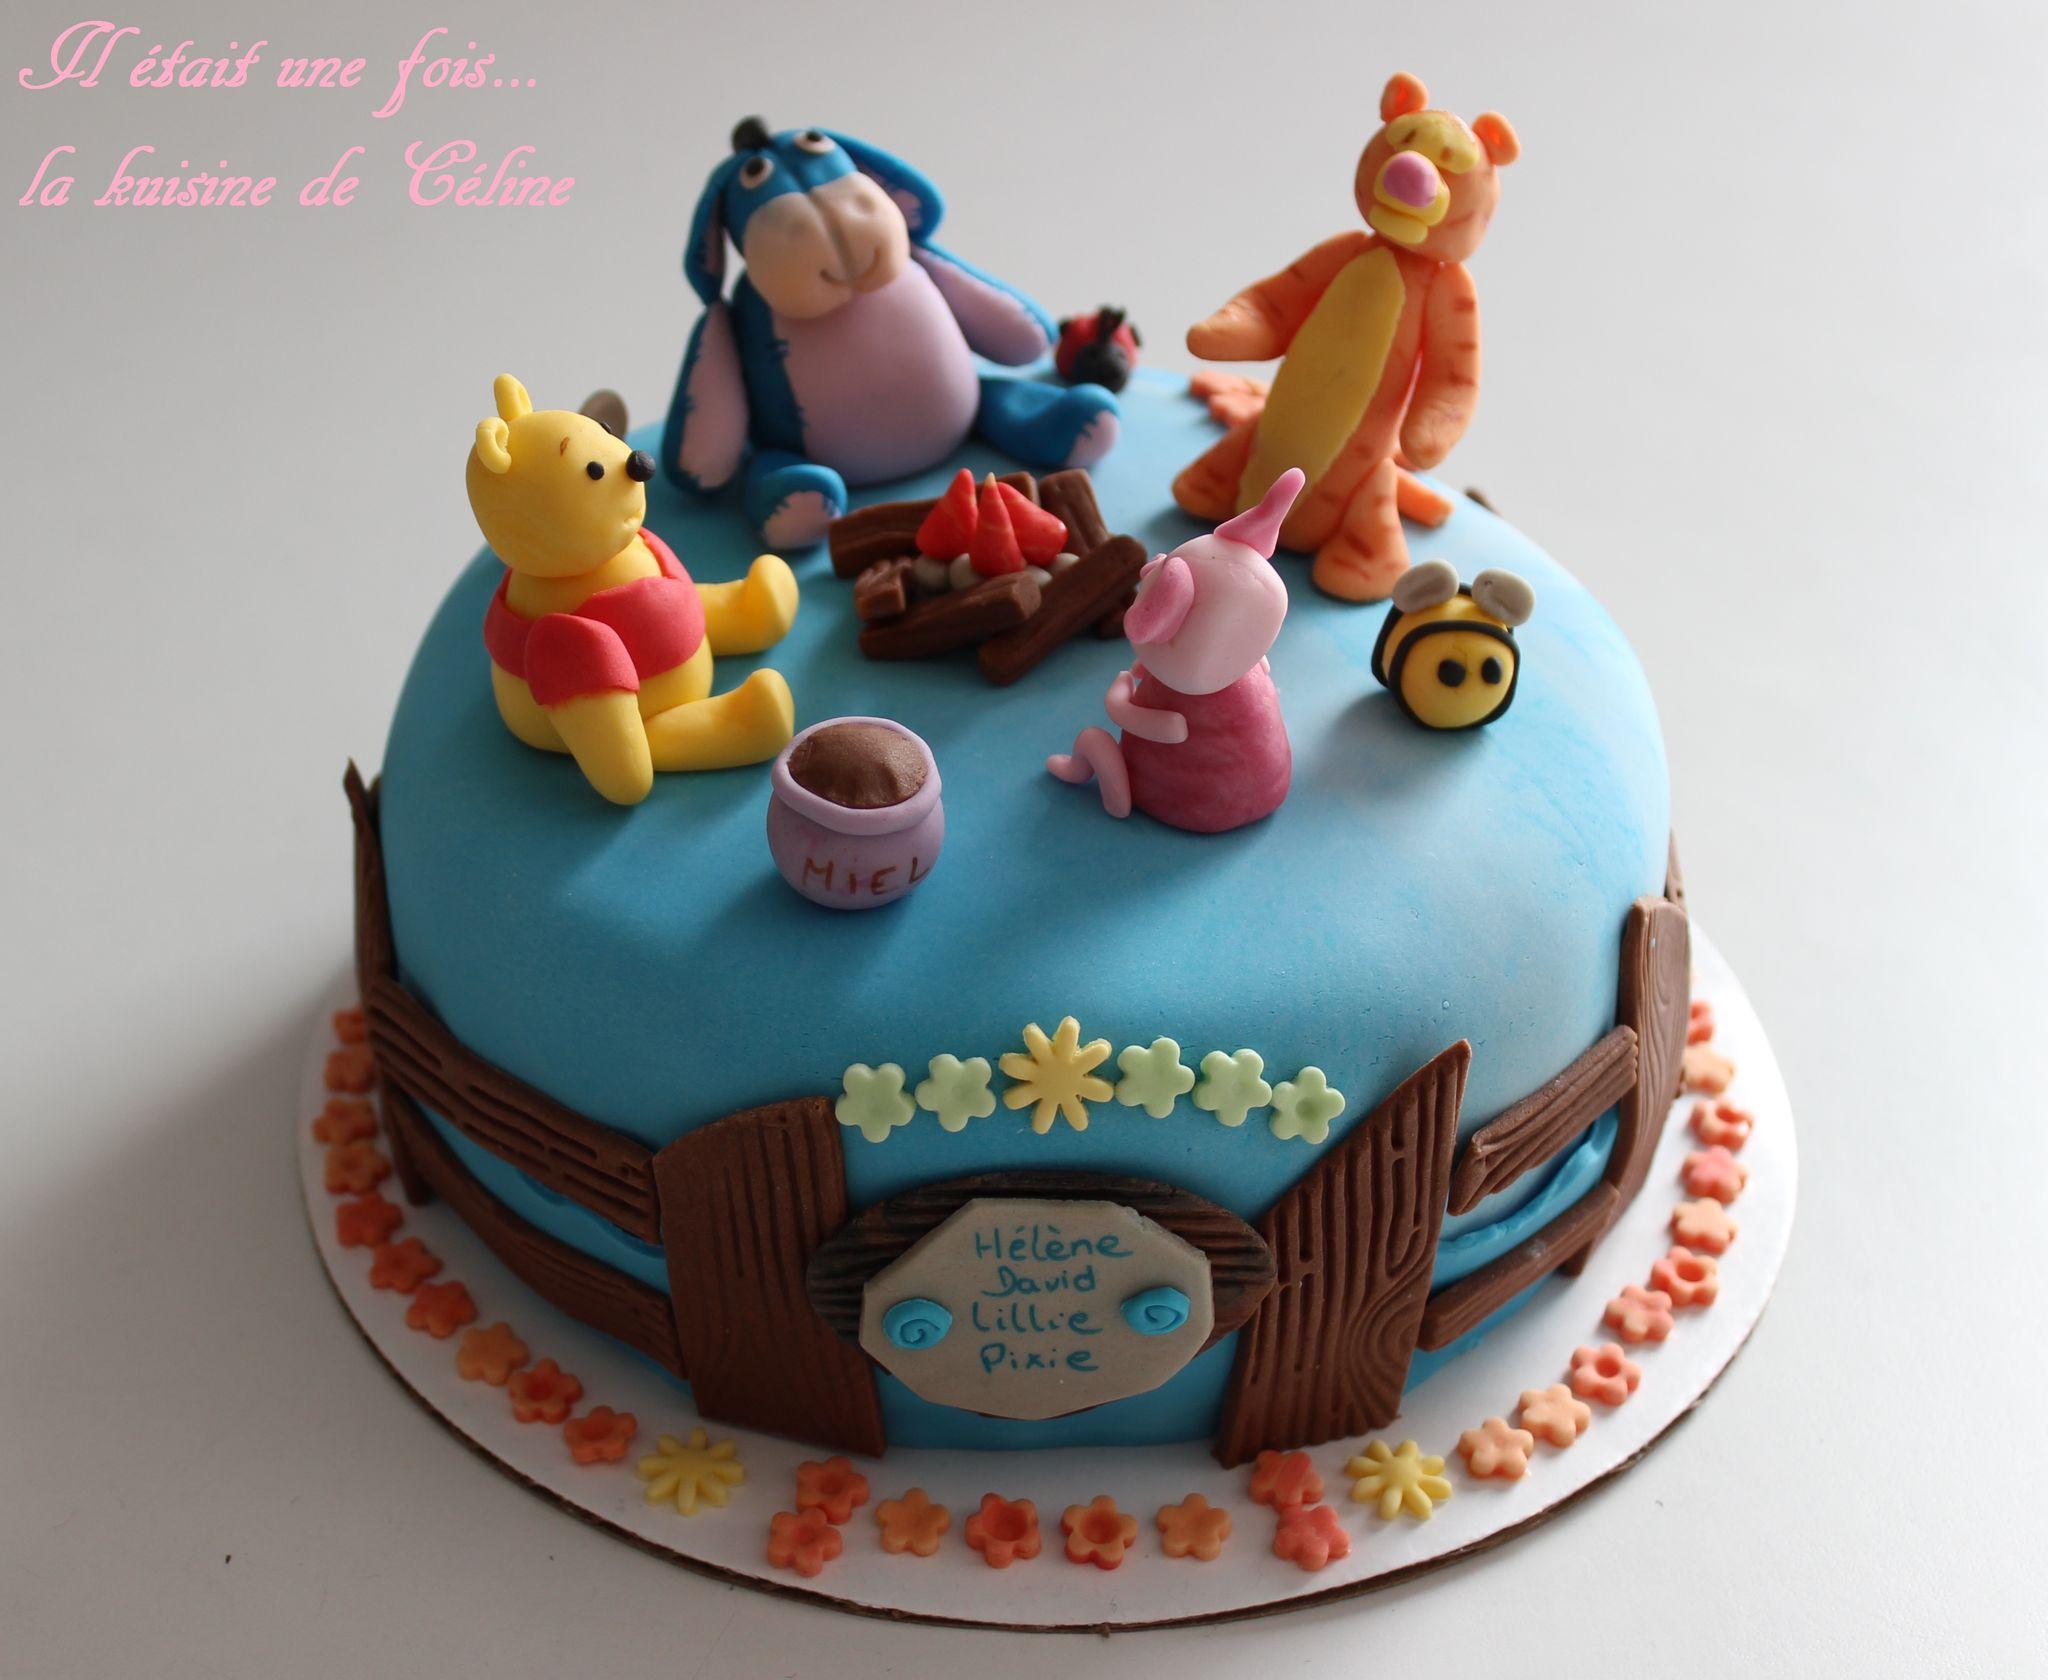 Gateau Winnie L'ourson Et Ses Amis - Winnie The Pooh Cake à Gateau Anniversaire Winnie L Ourson